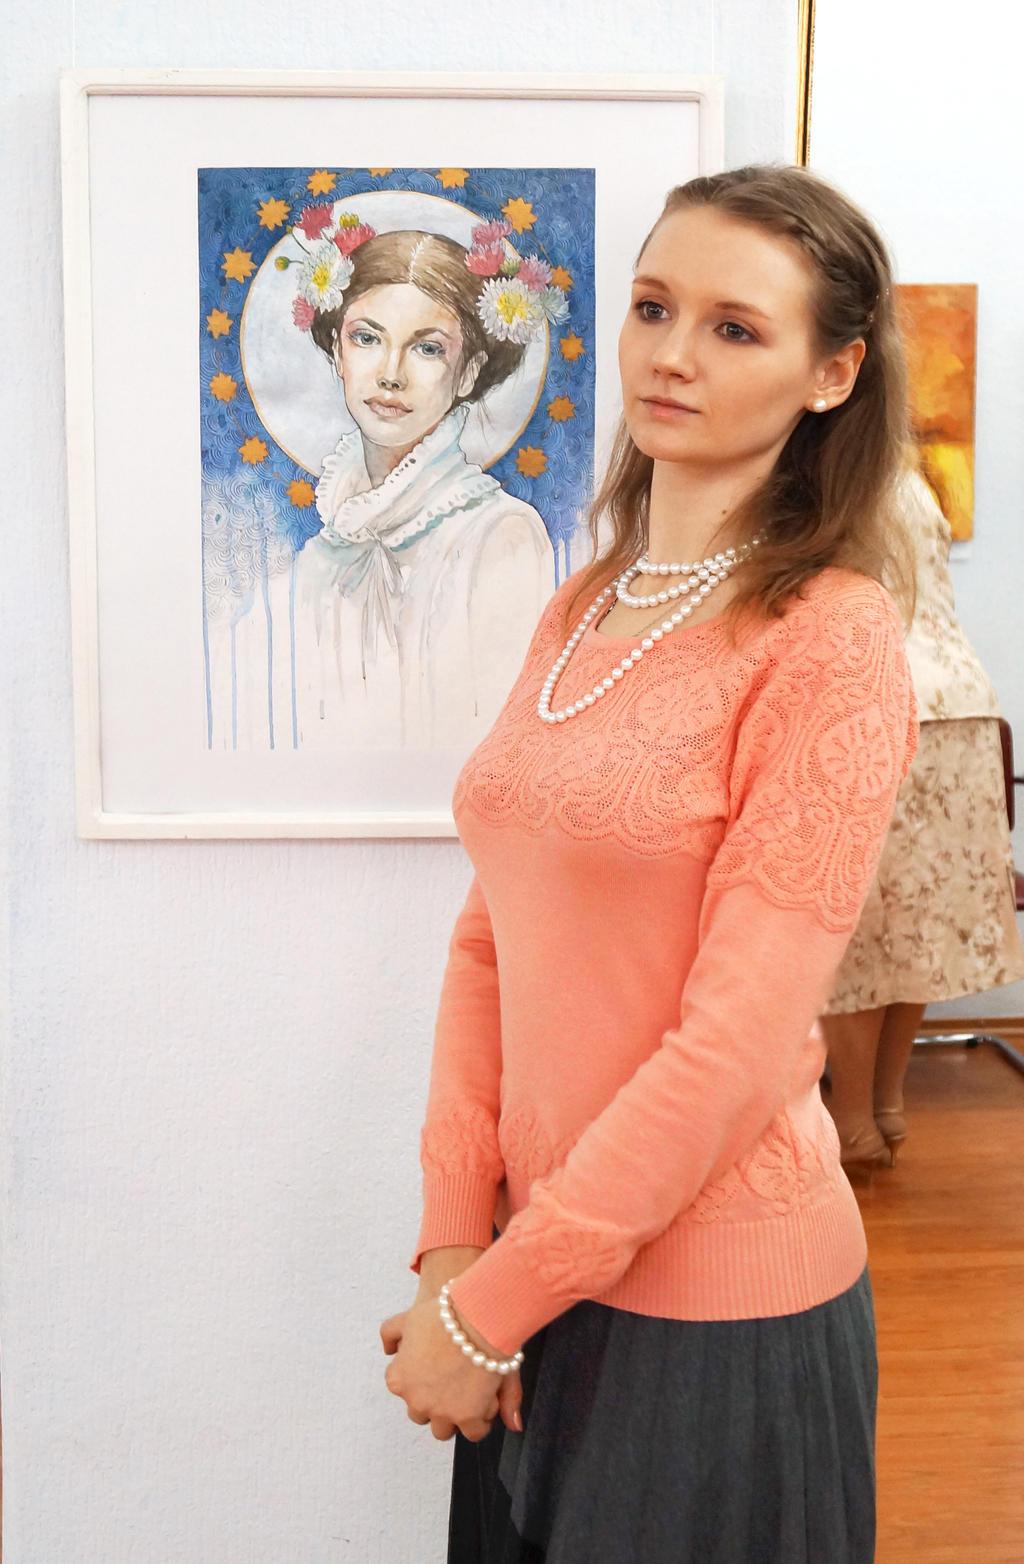 DariaGALLERY's Profile Picture